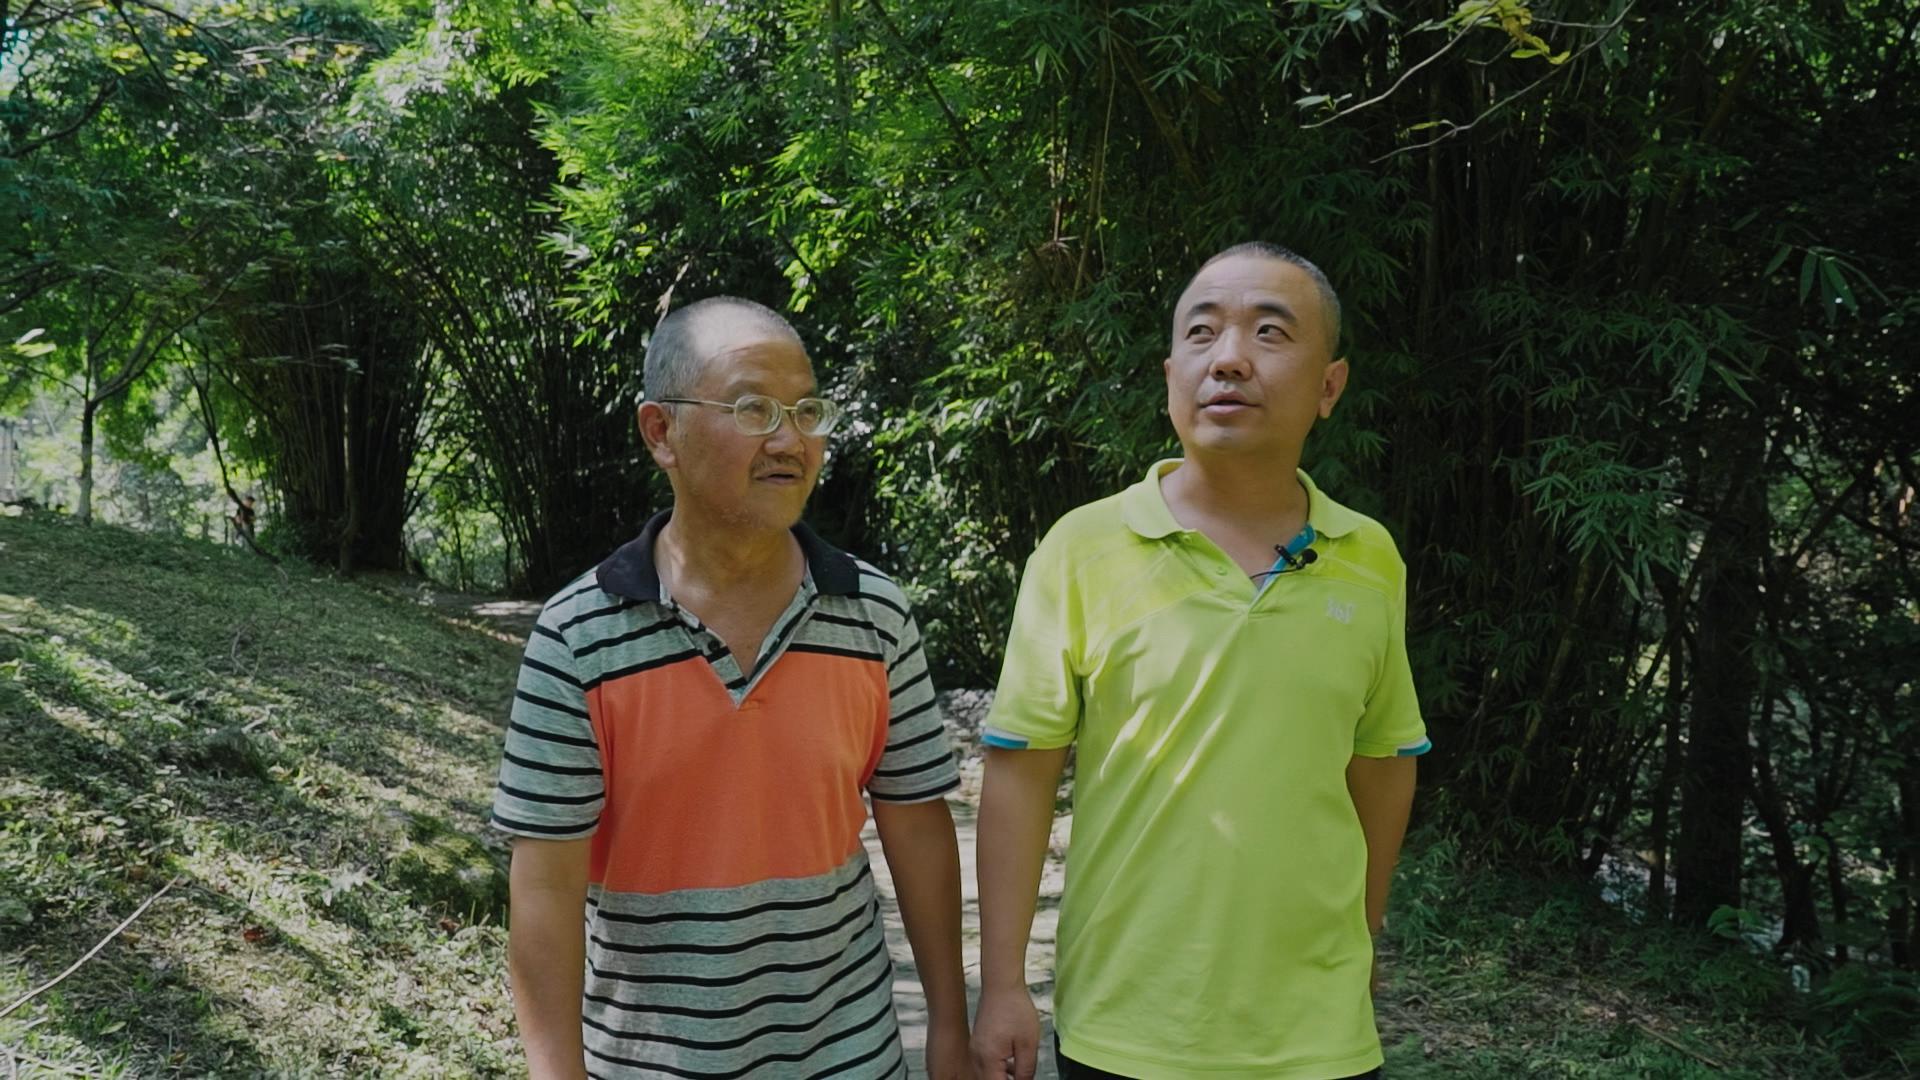 http://www.astonglobal.net/shehui/1167366.html